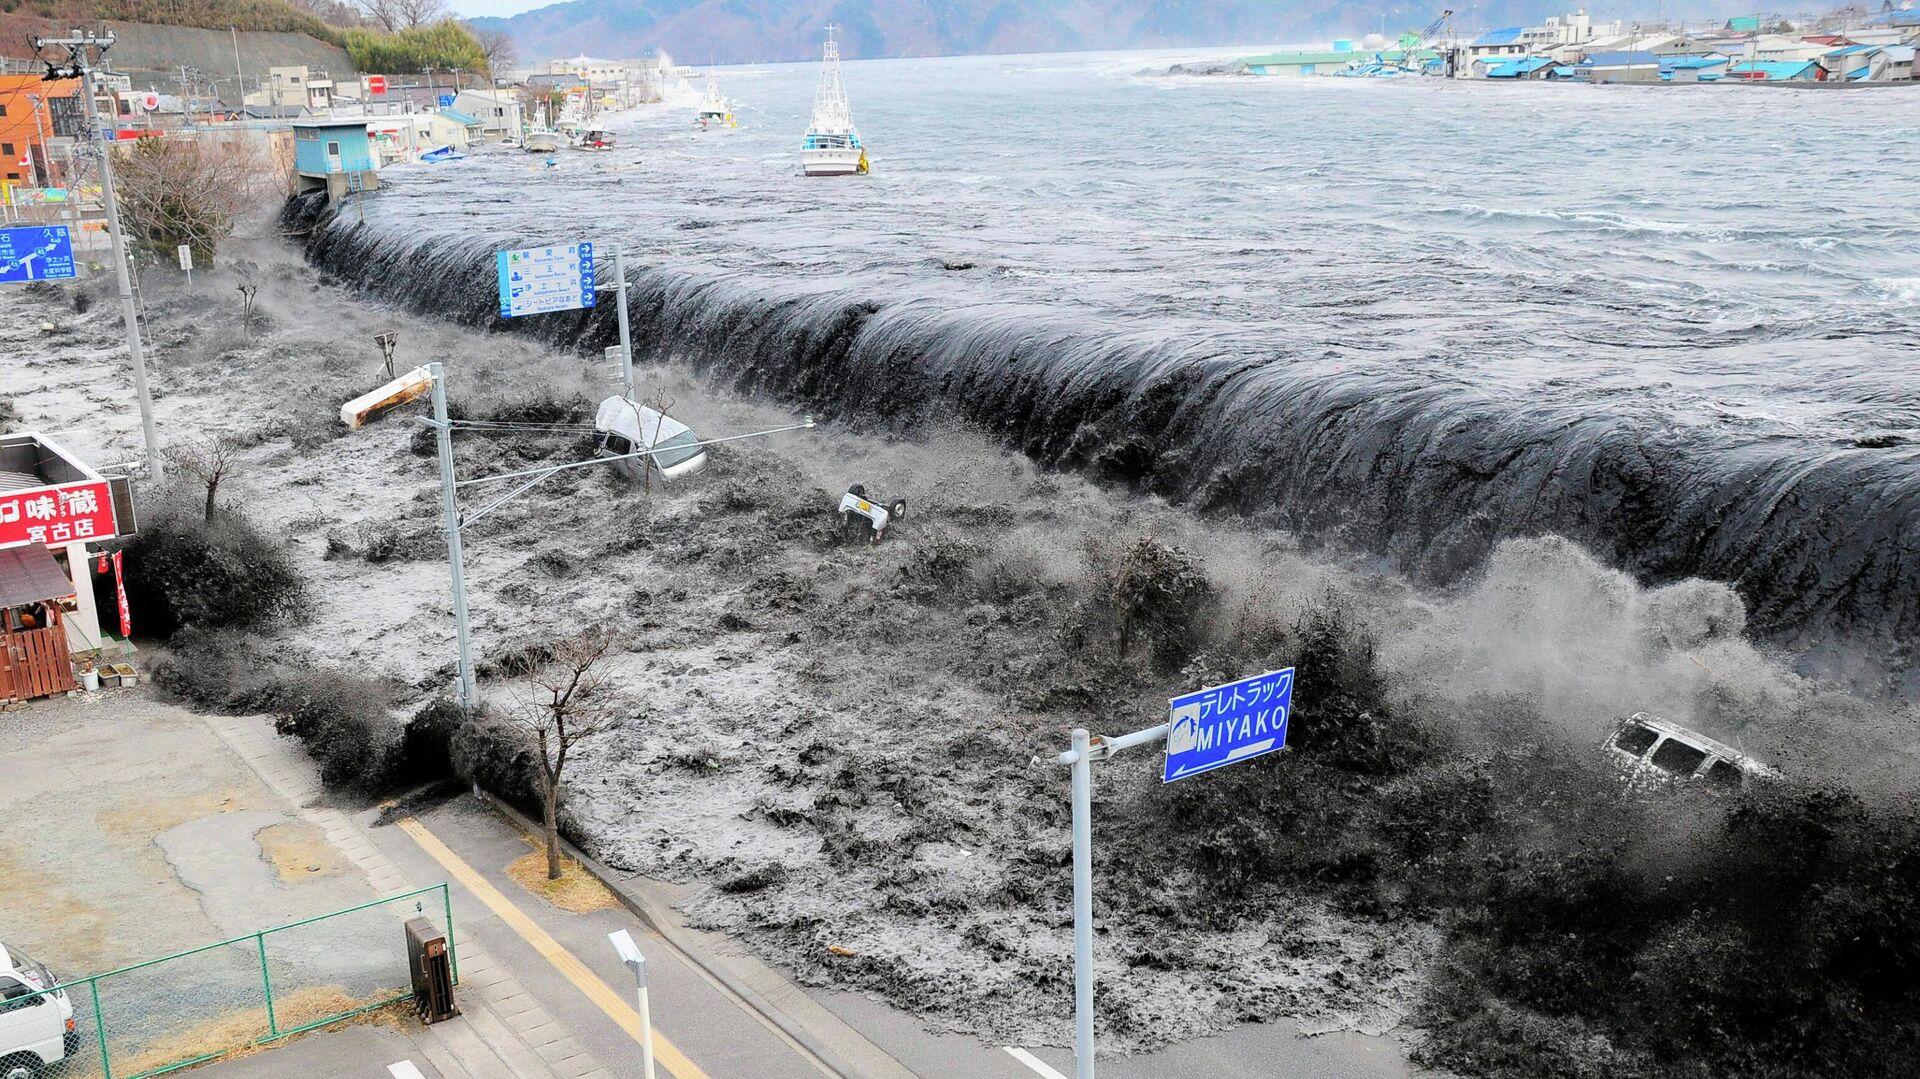 Волна приближается к городу Мияко в префектуре Иватэ после землетрясения магнитудой 8,9, произошедшего в этом районе 11 марта 2011 года - РИА Новости, 1920, 20.03.2021